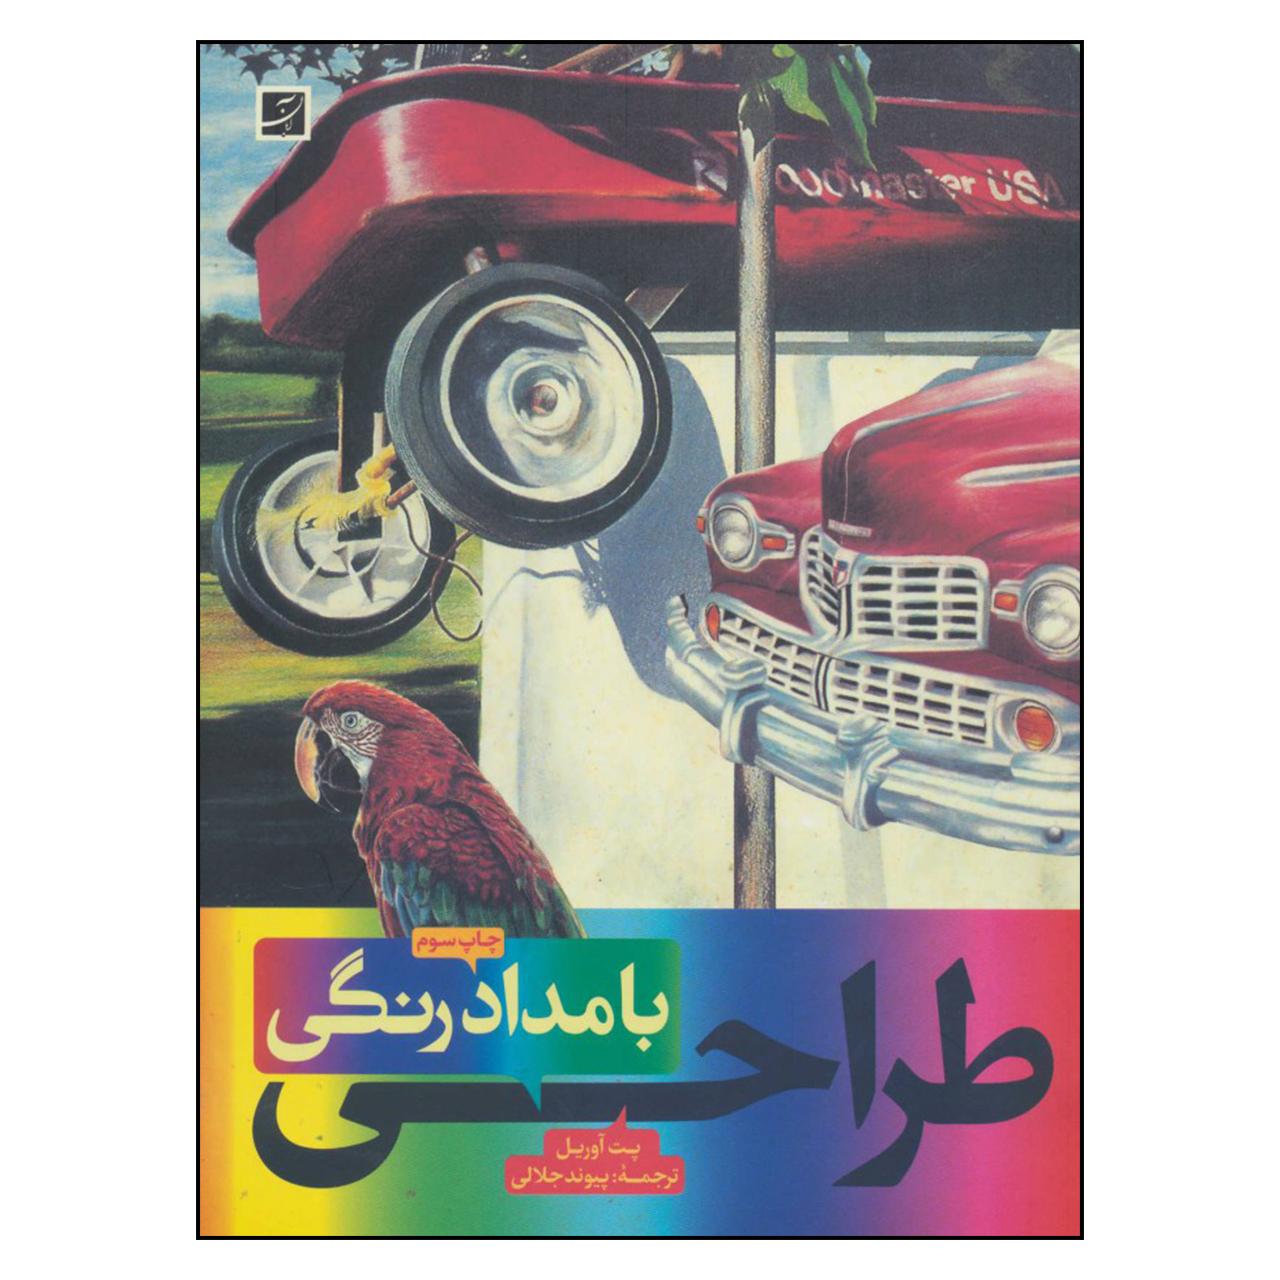 کتاب طراحی با مداد رنگی اثر پت آوریل نشر آبان